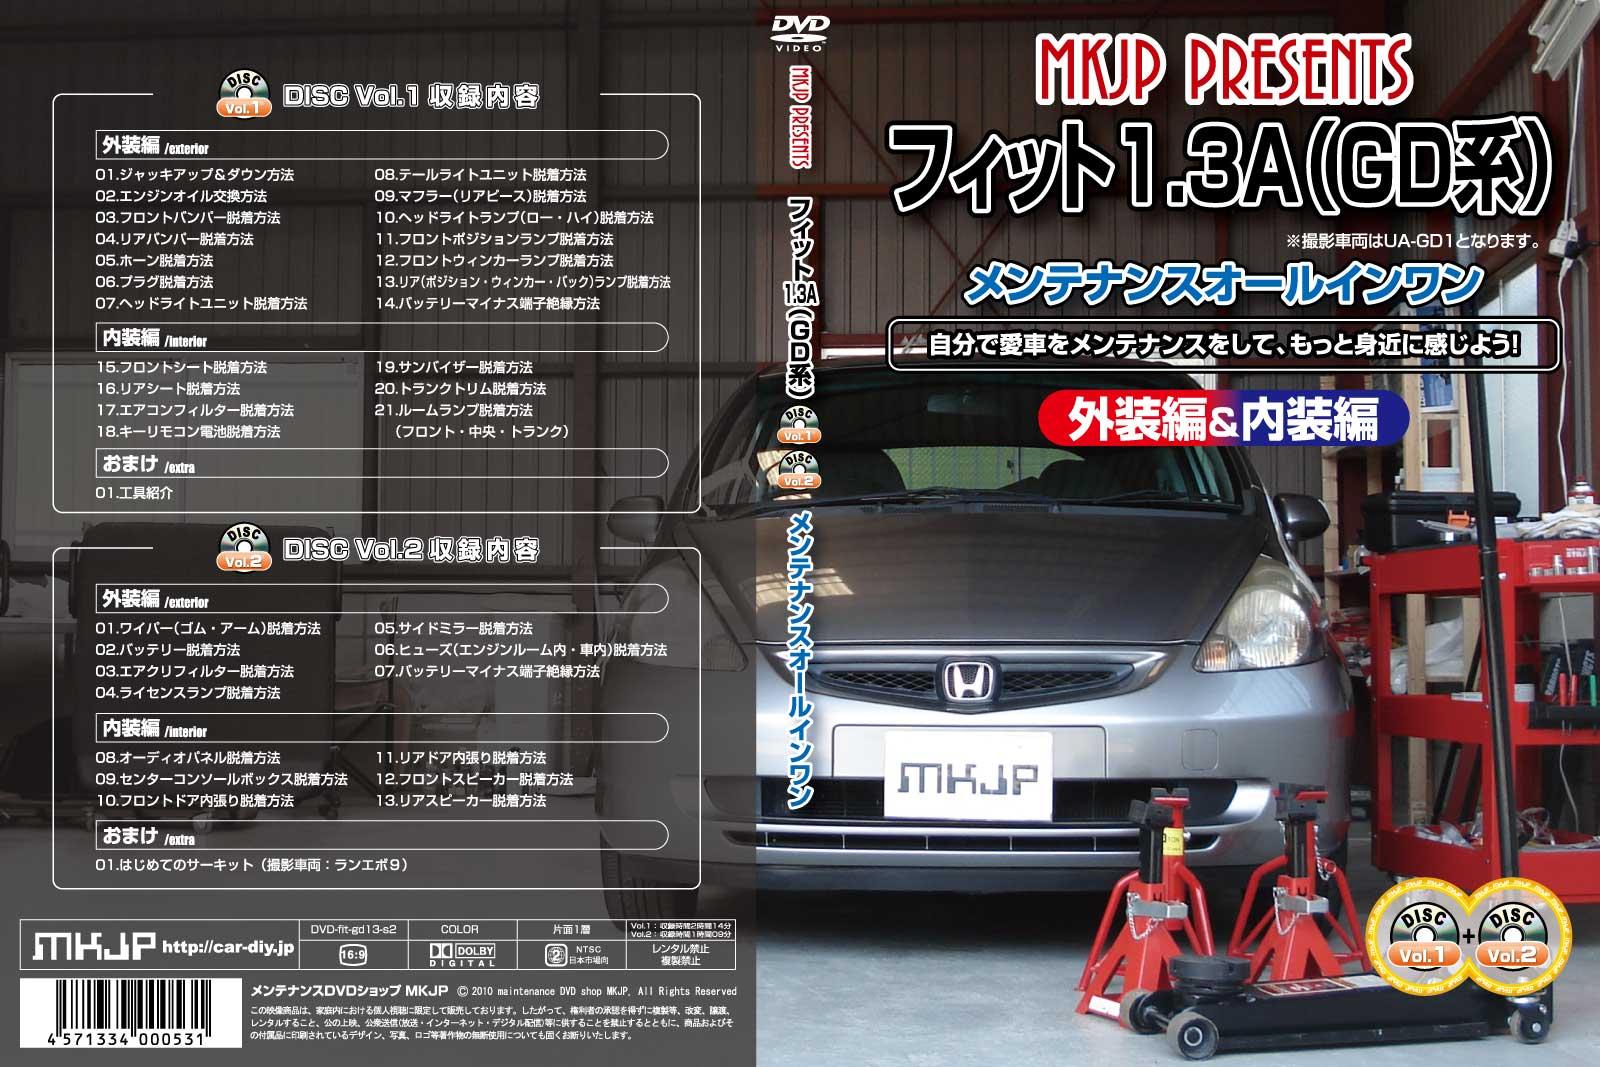 フィット1.3A(GD)メンテナンス整備DVD